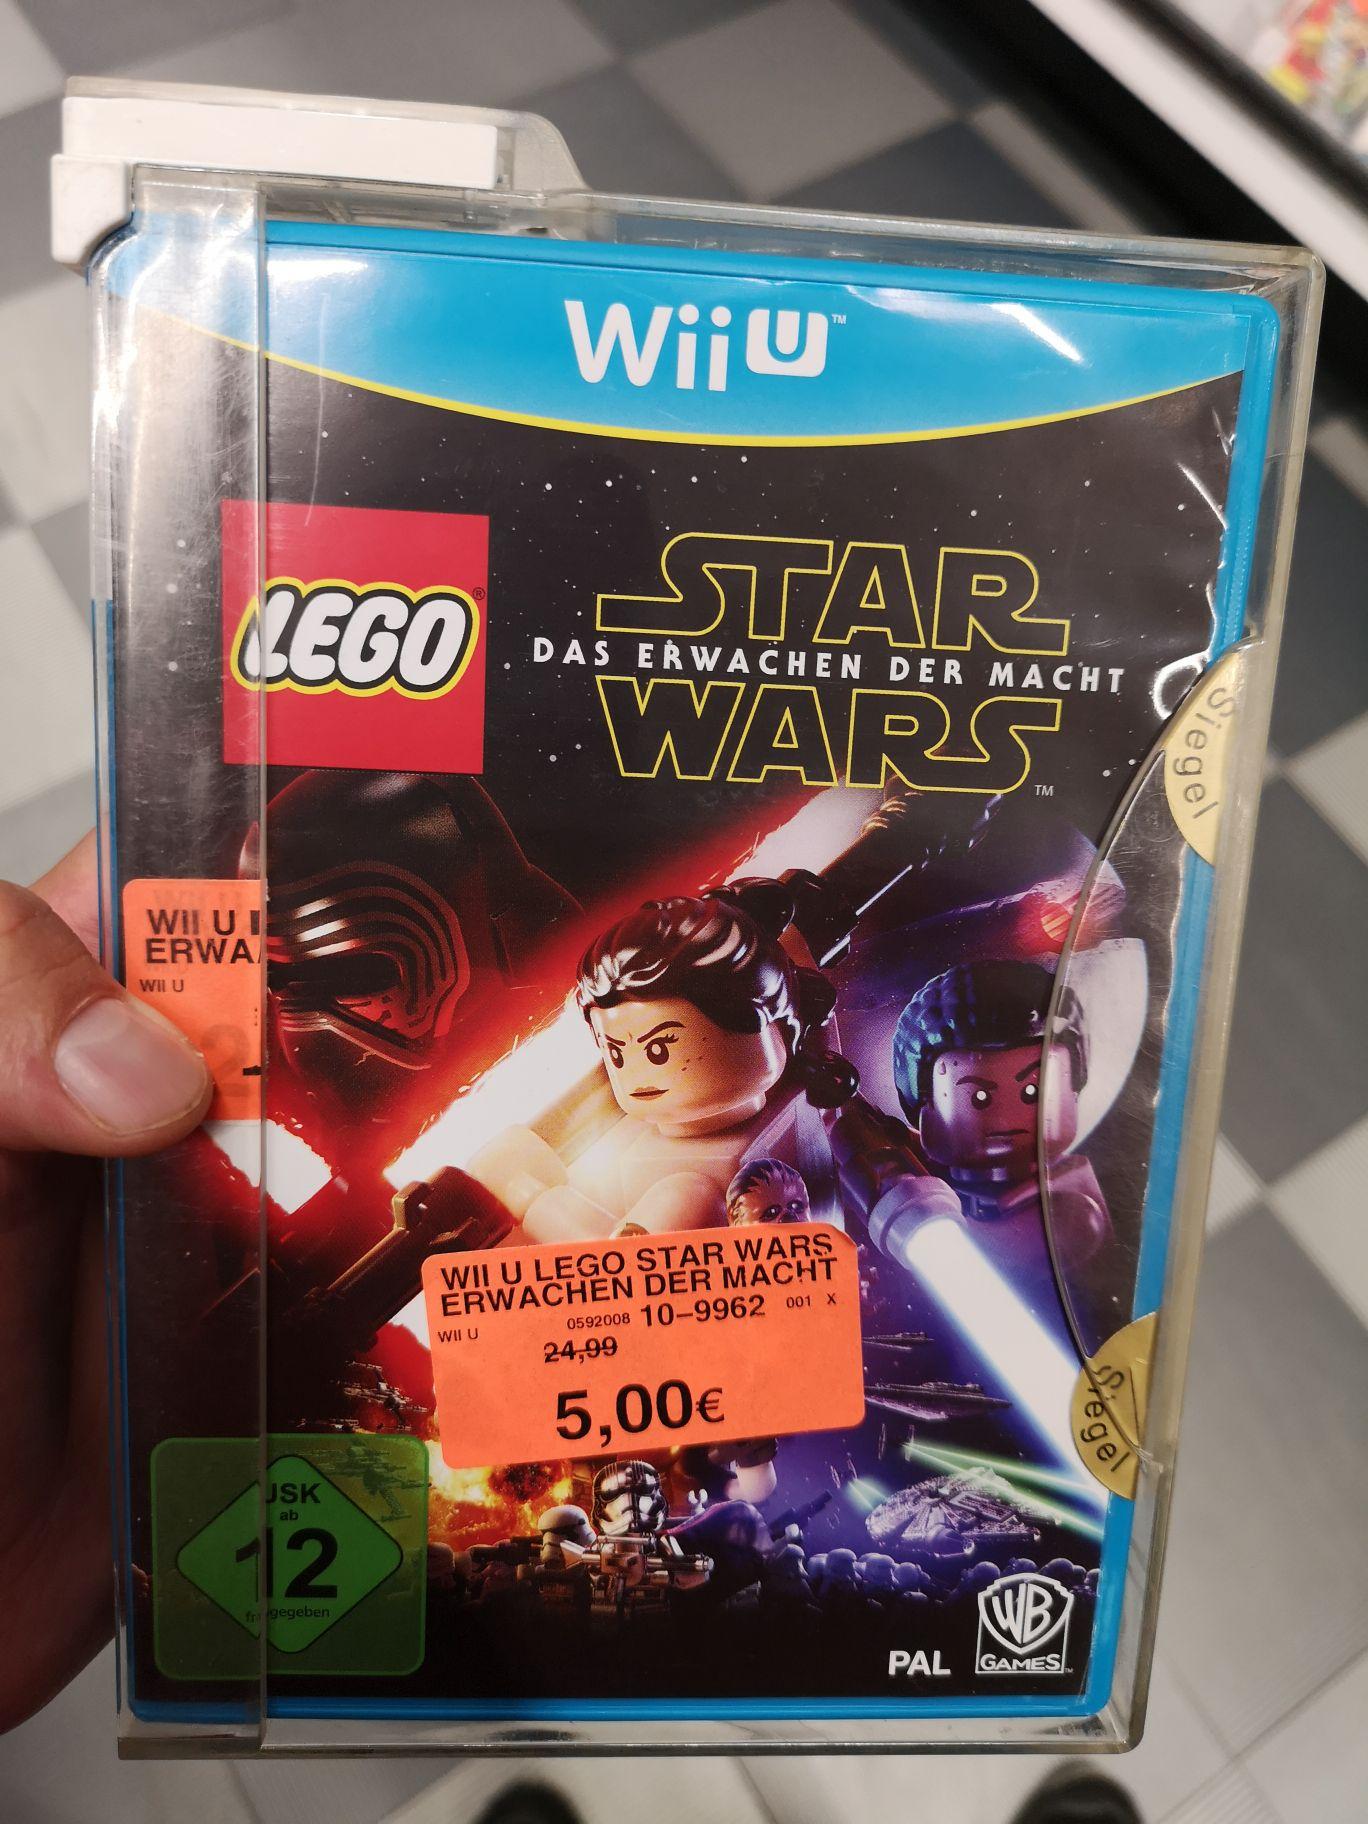 Star Wars: Das Erwachen der Macht - Wii U (Lokal Toys'r Us Dortmund Indupark)